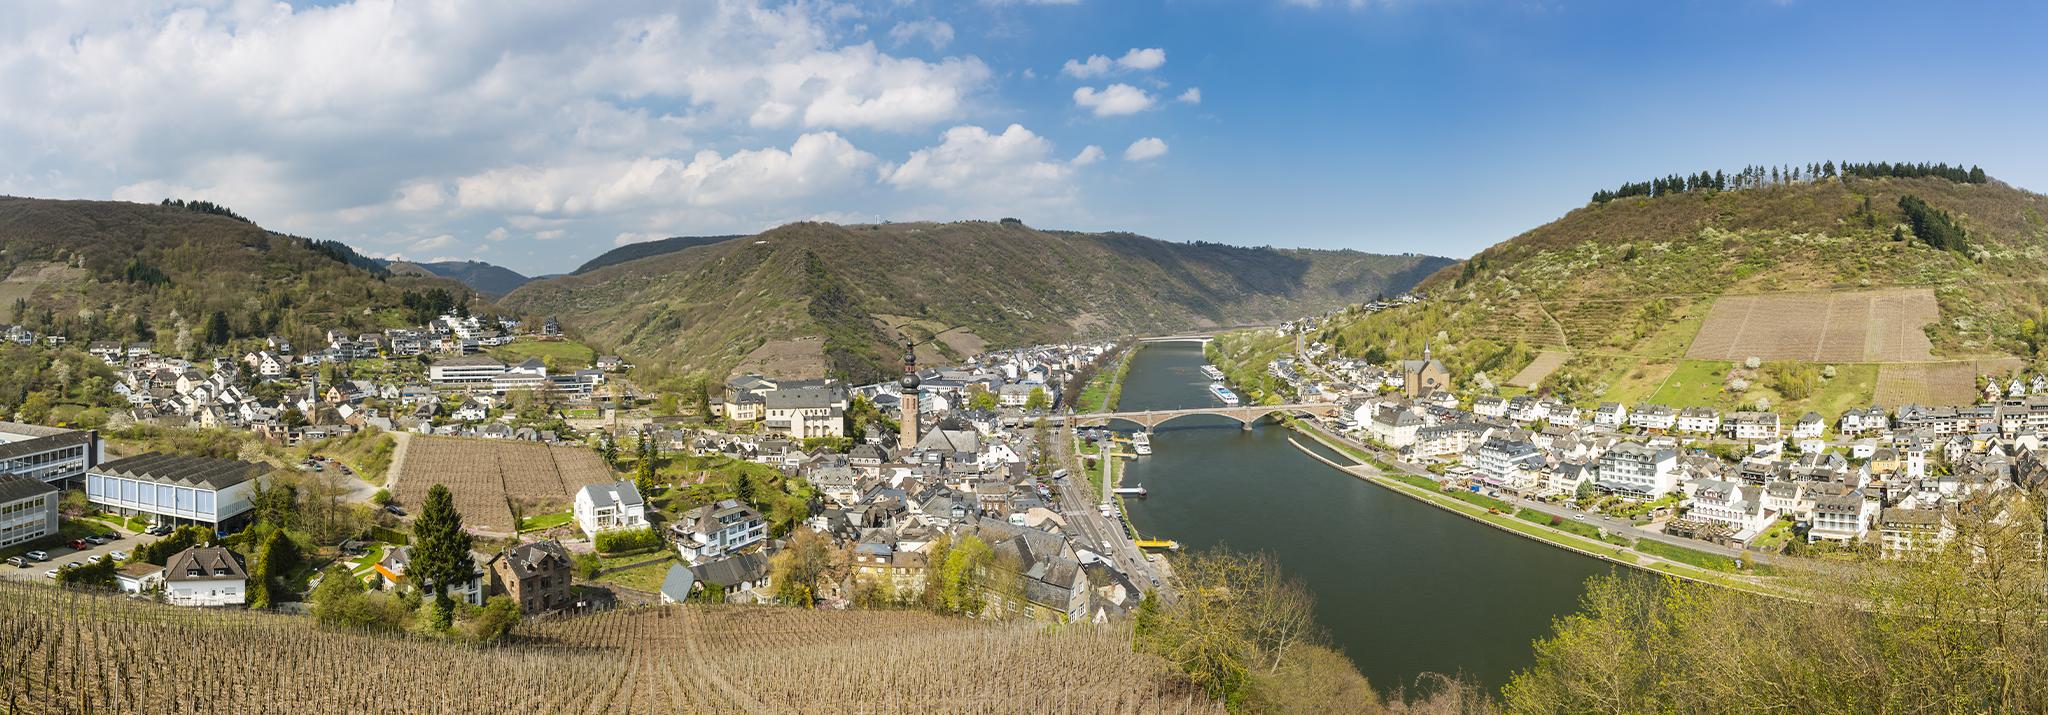 vineyard-moselle-dr-loosen-riesling-germany